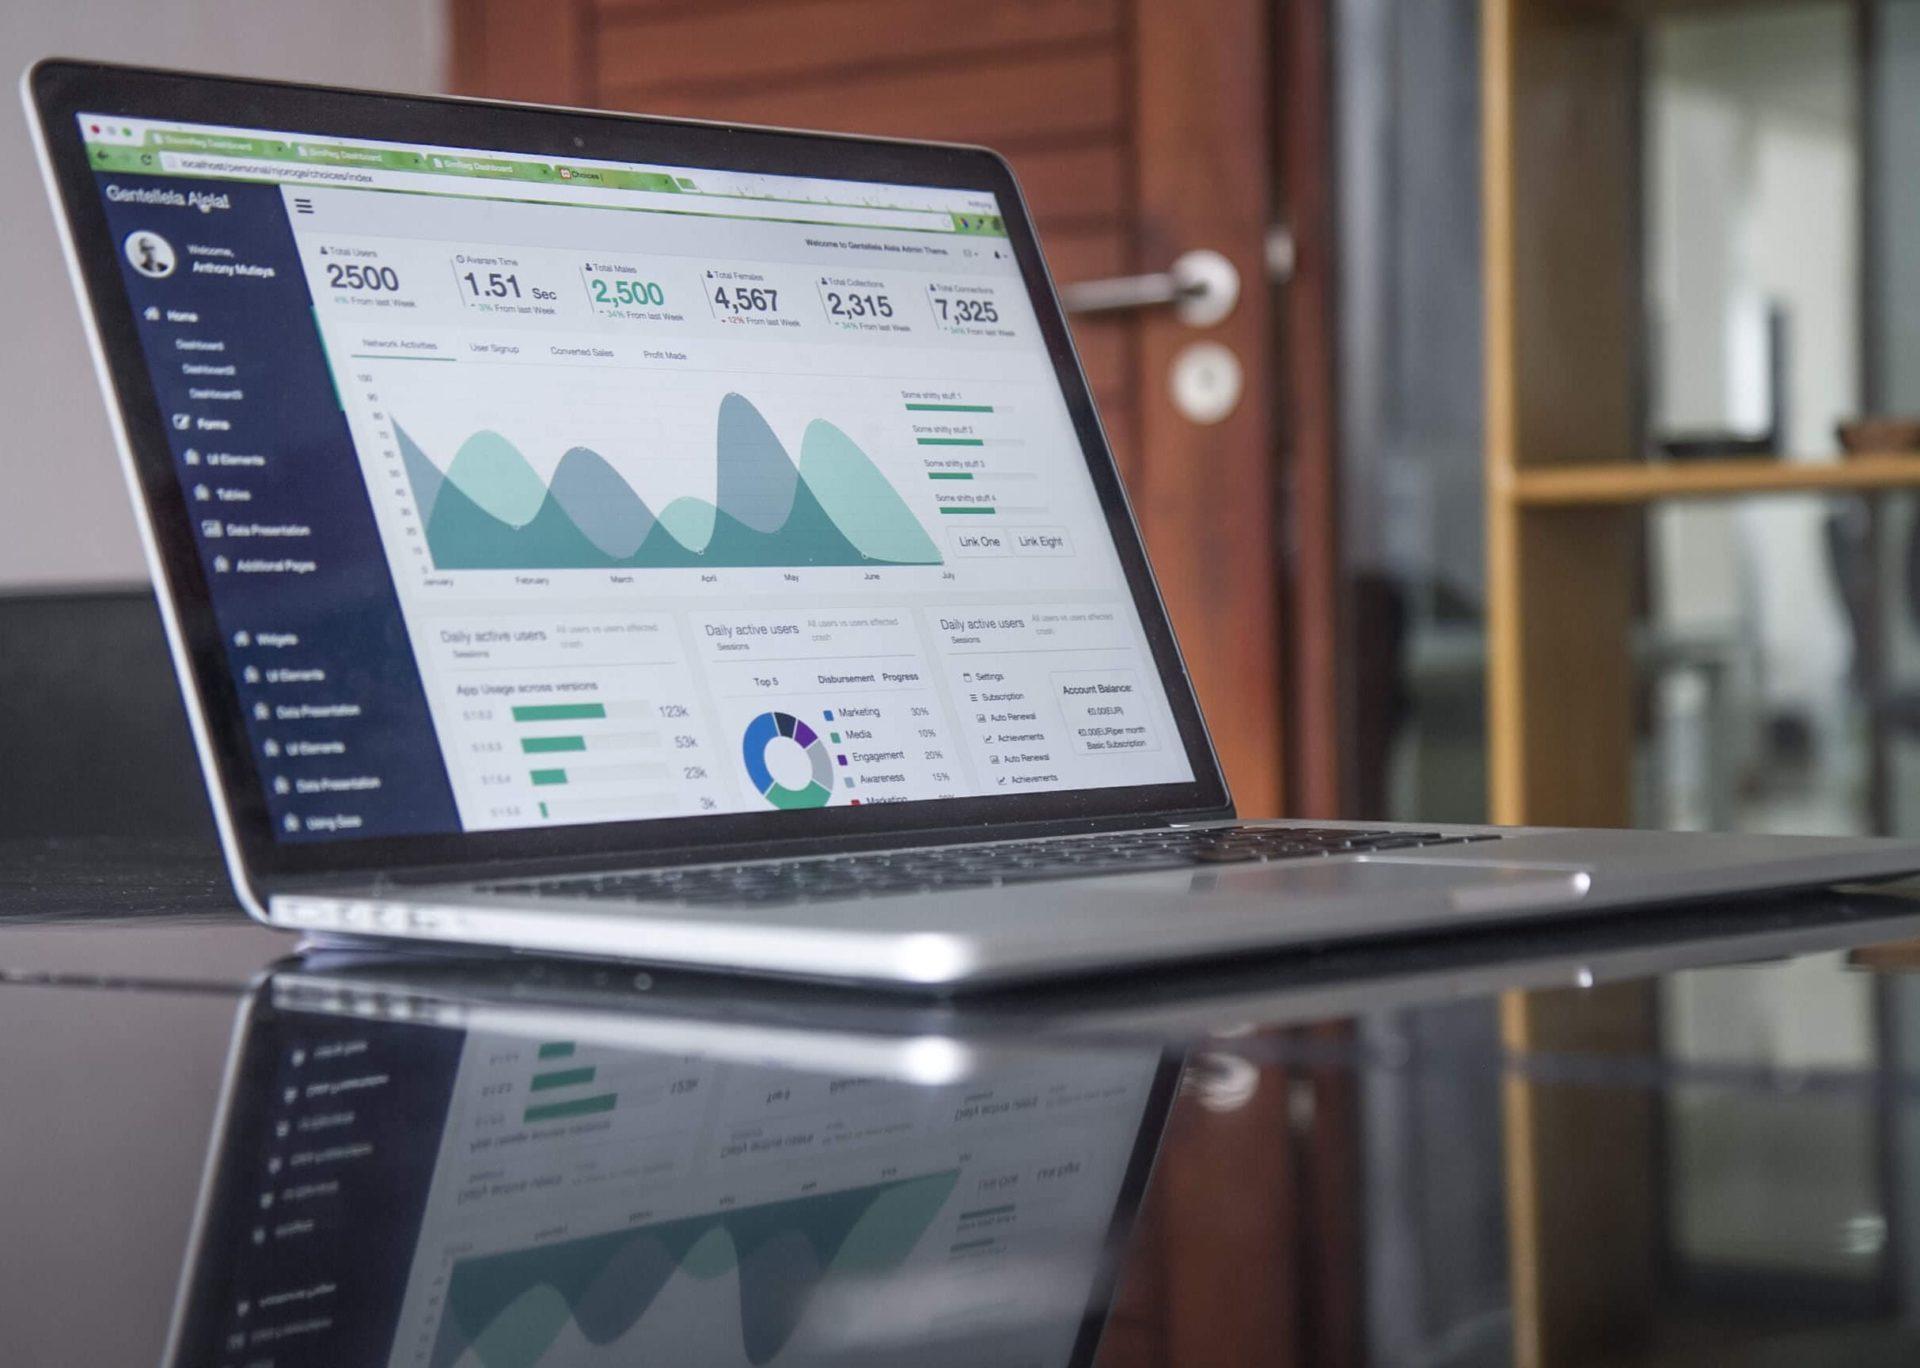 L'externalisation paie permet l'accès aux données sociales et indicateurs RH